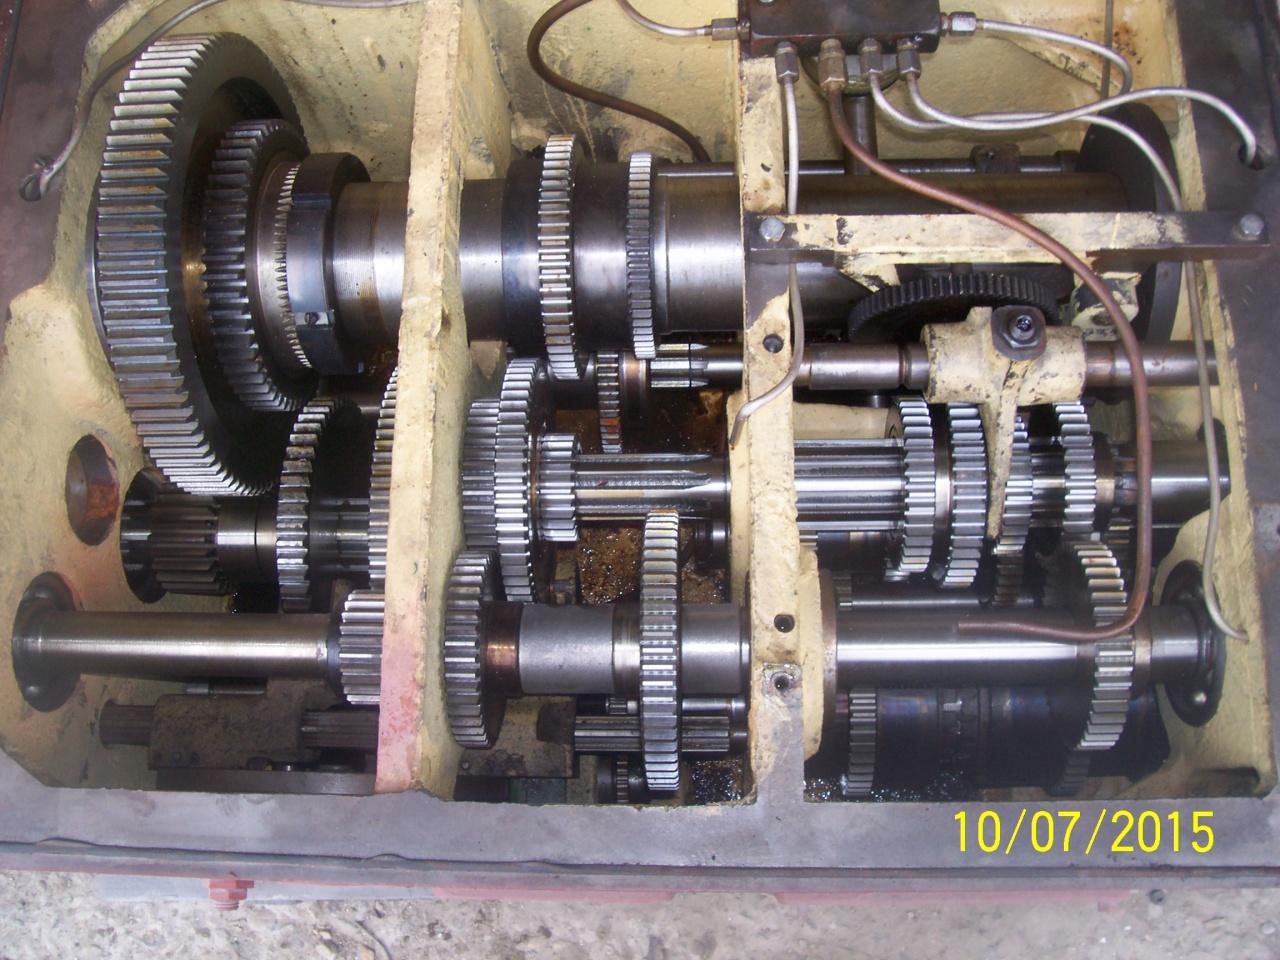 передняя бабка станка дип300